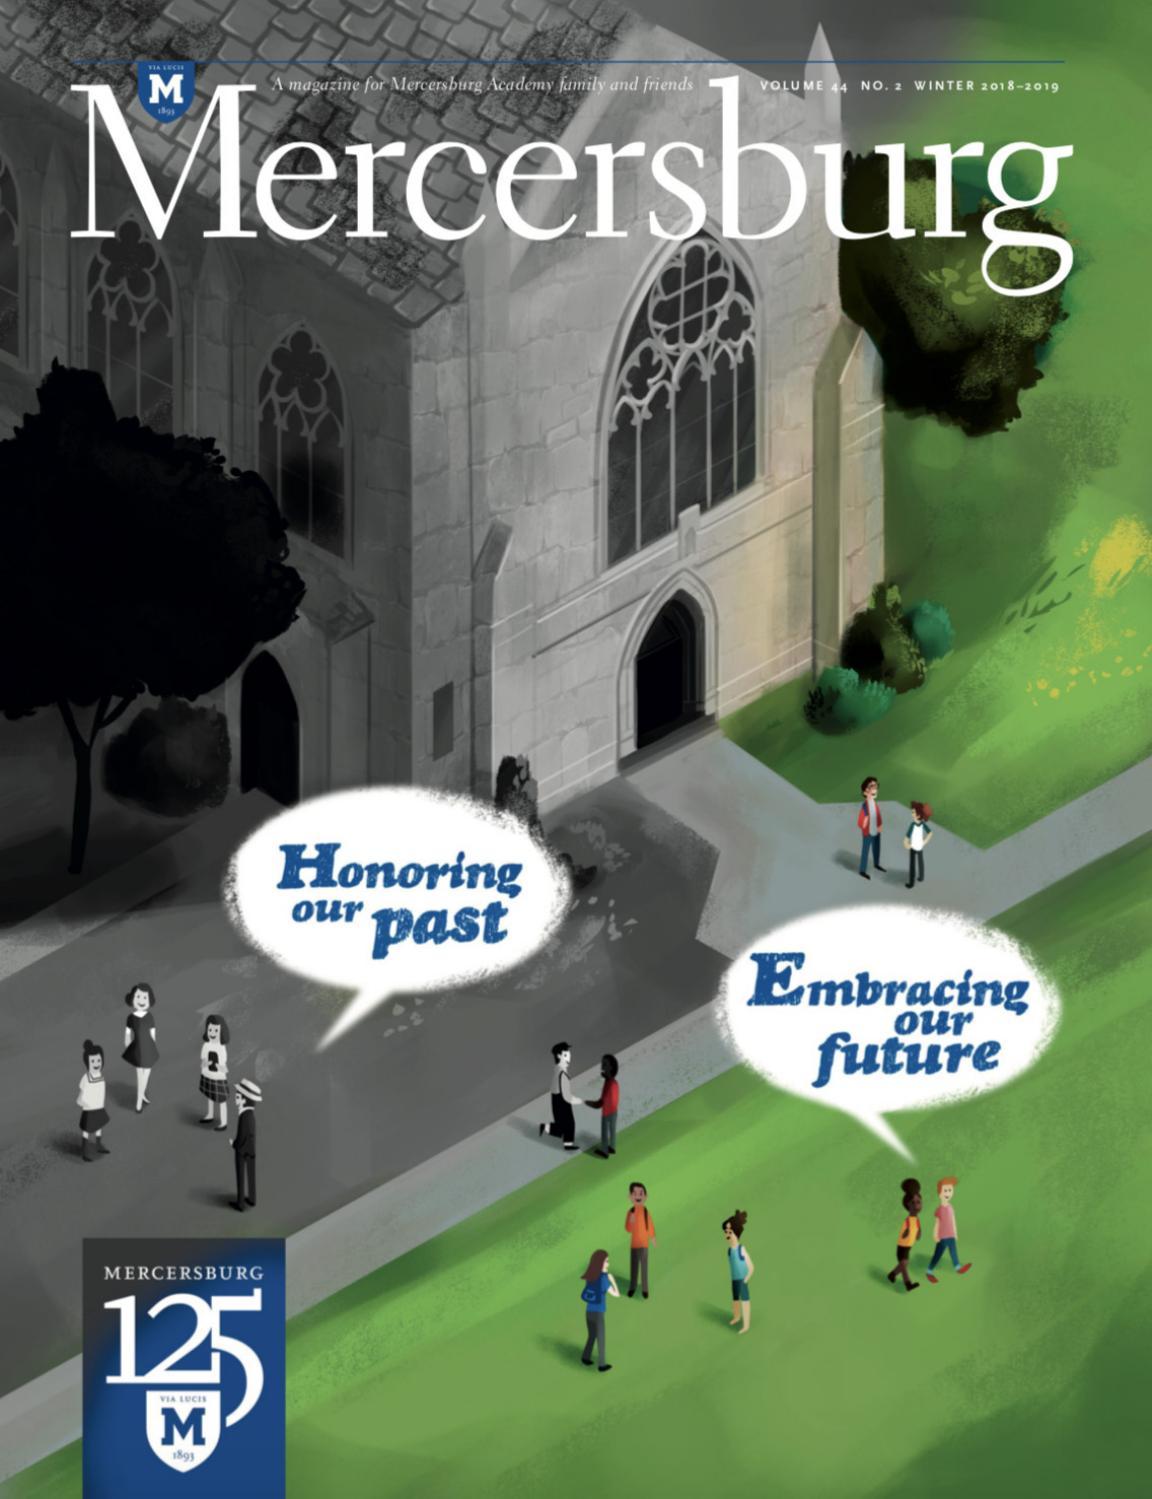 Mercersburg Magazine - Winter 2018/2019 by Mercersburg